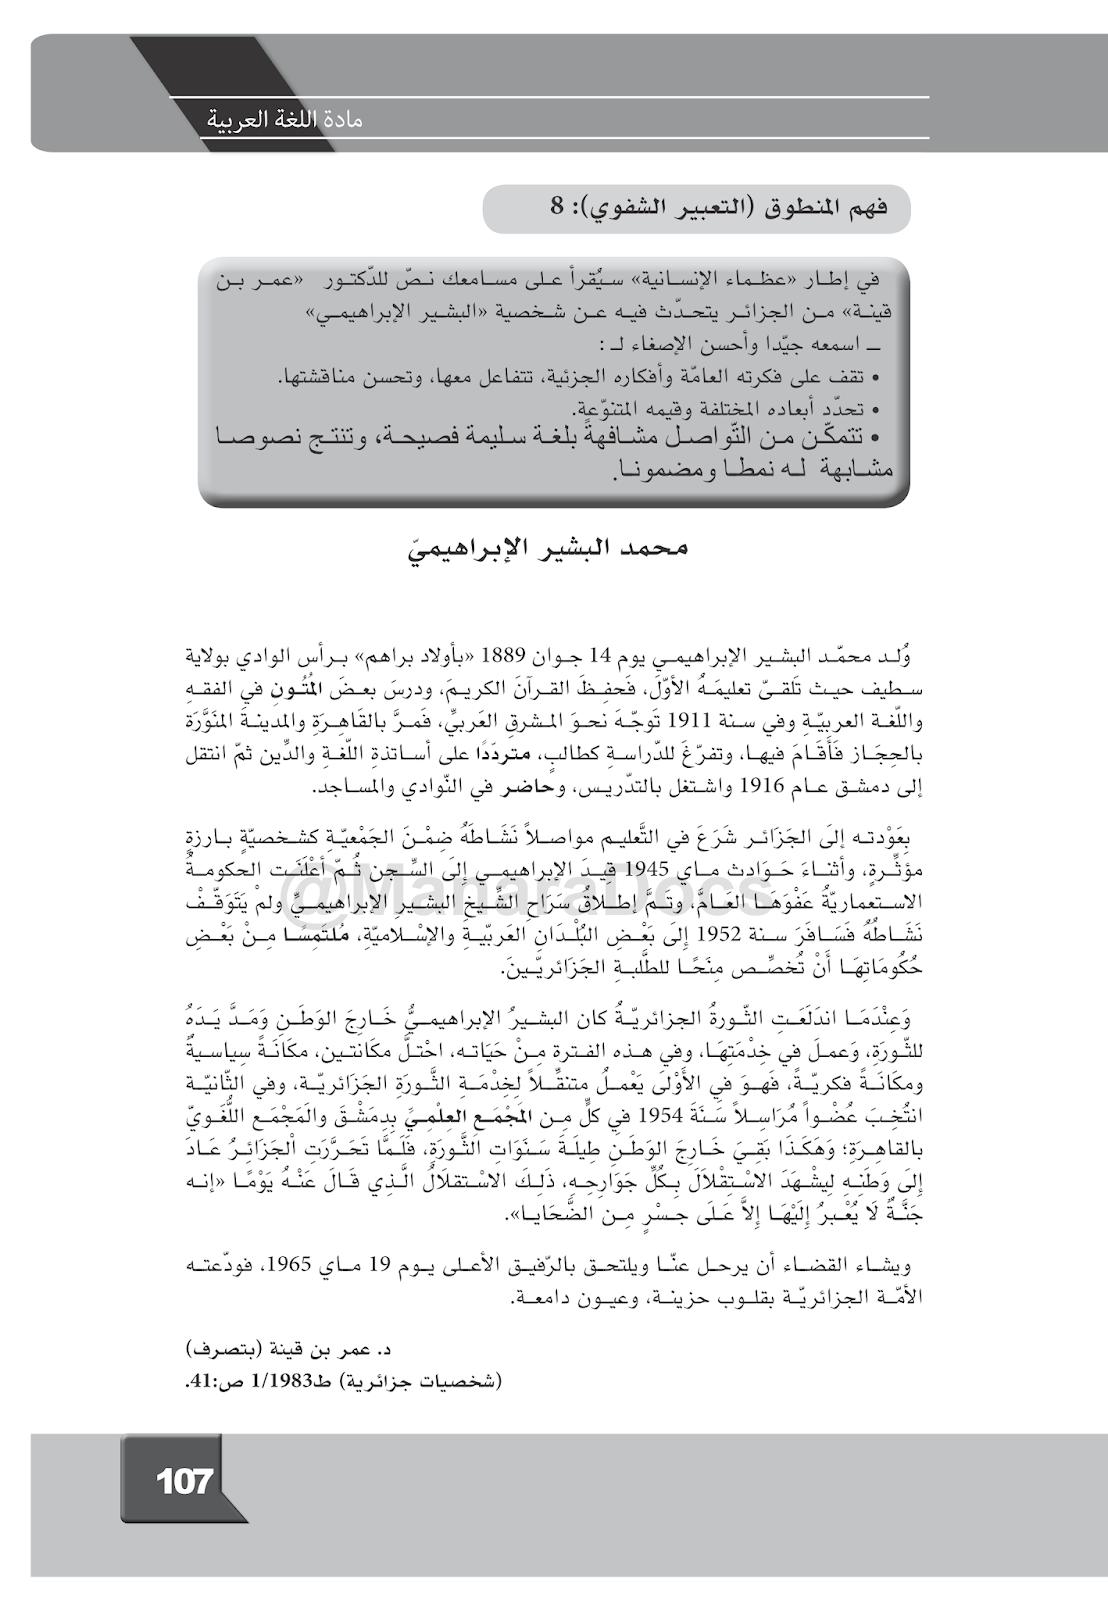 نص درس محمد البشير الإبراهيمي اللغة العربية للسنة الاولى 1 متوسط الجيل الثاني